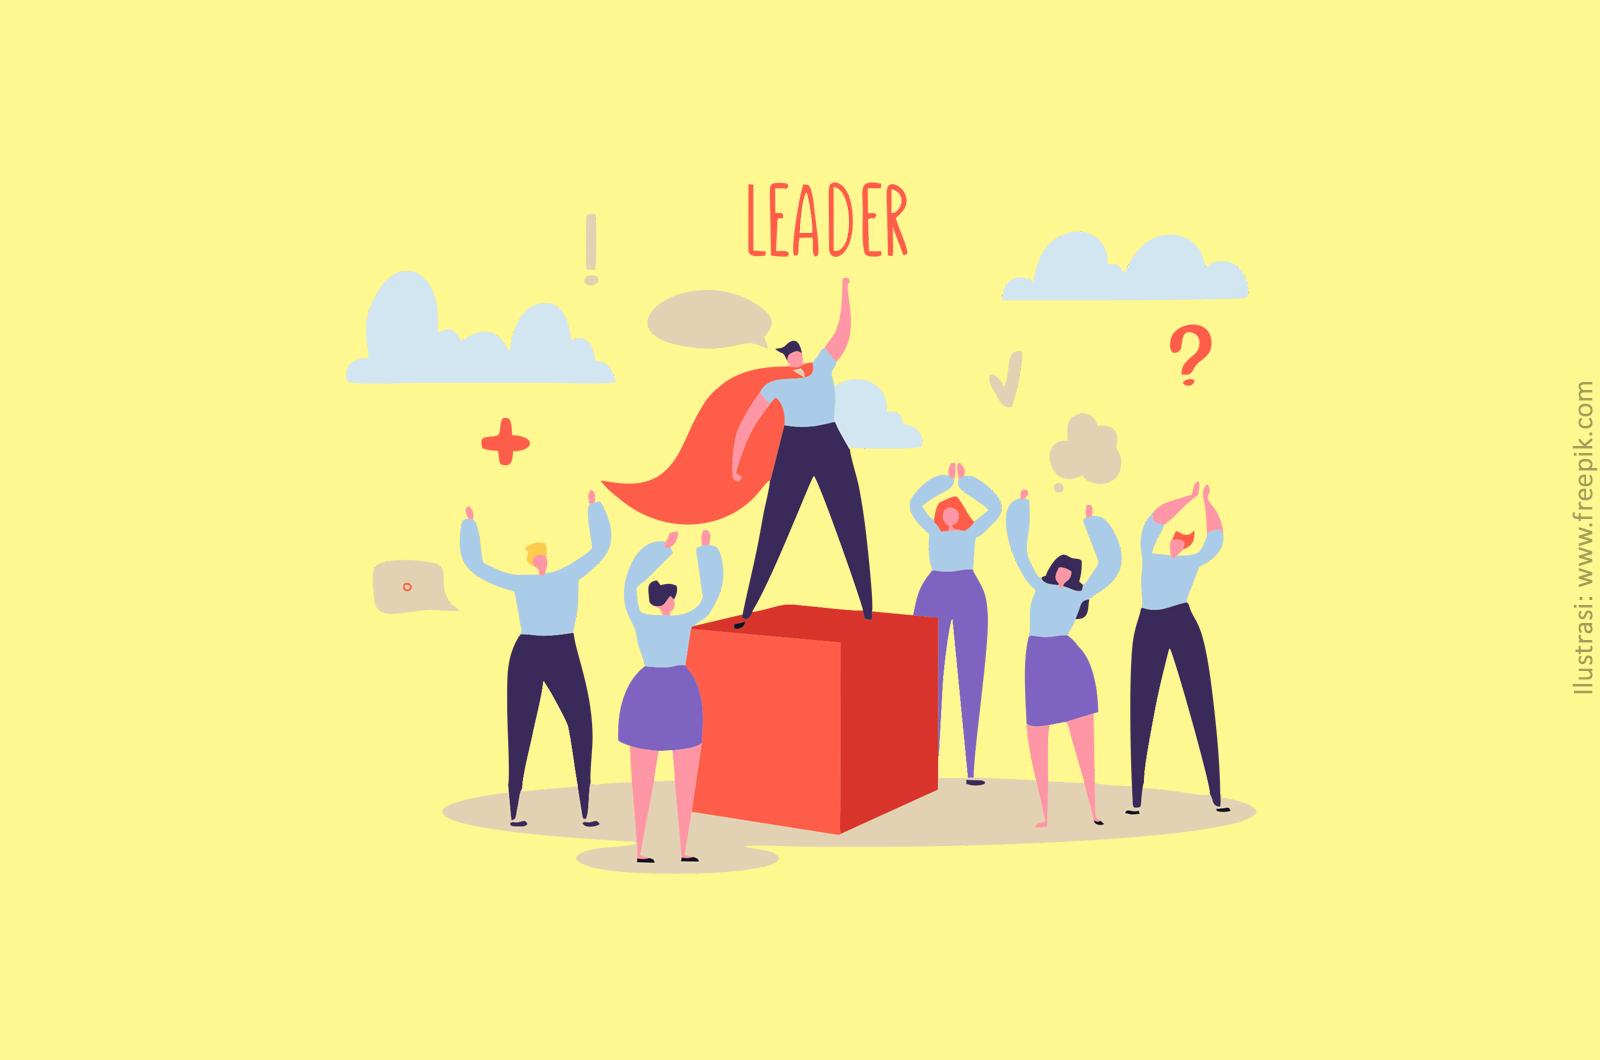 Cara Pemimpin Memperdayakan Anggota Tim